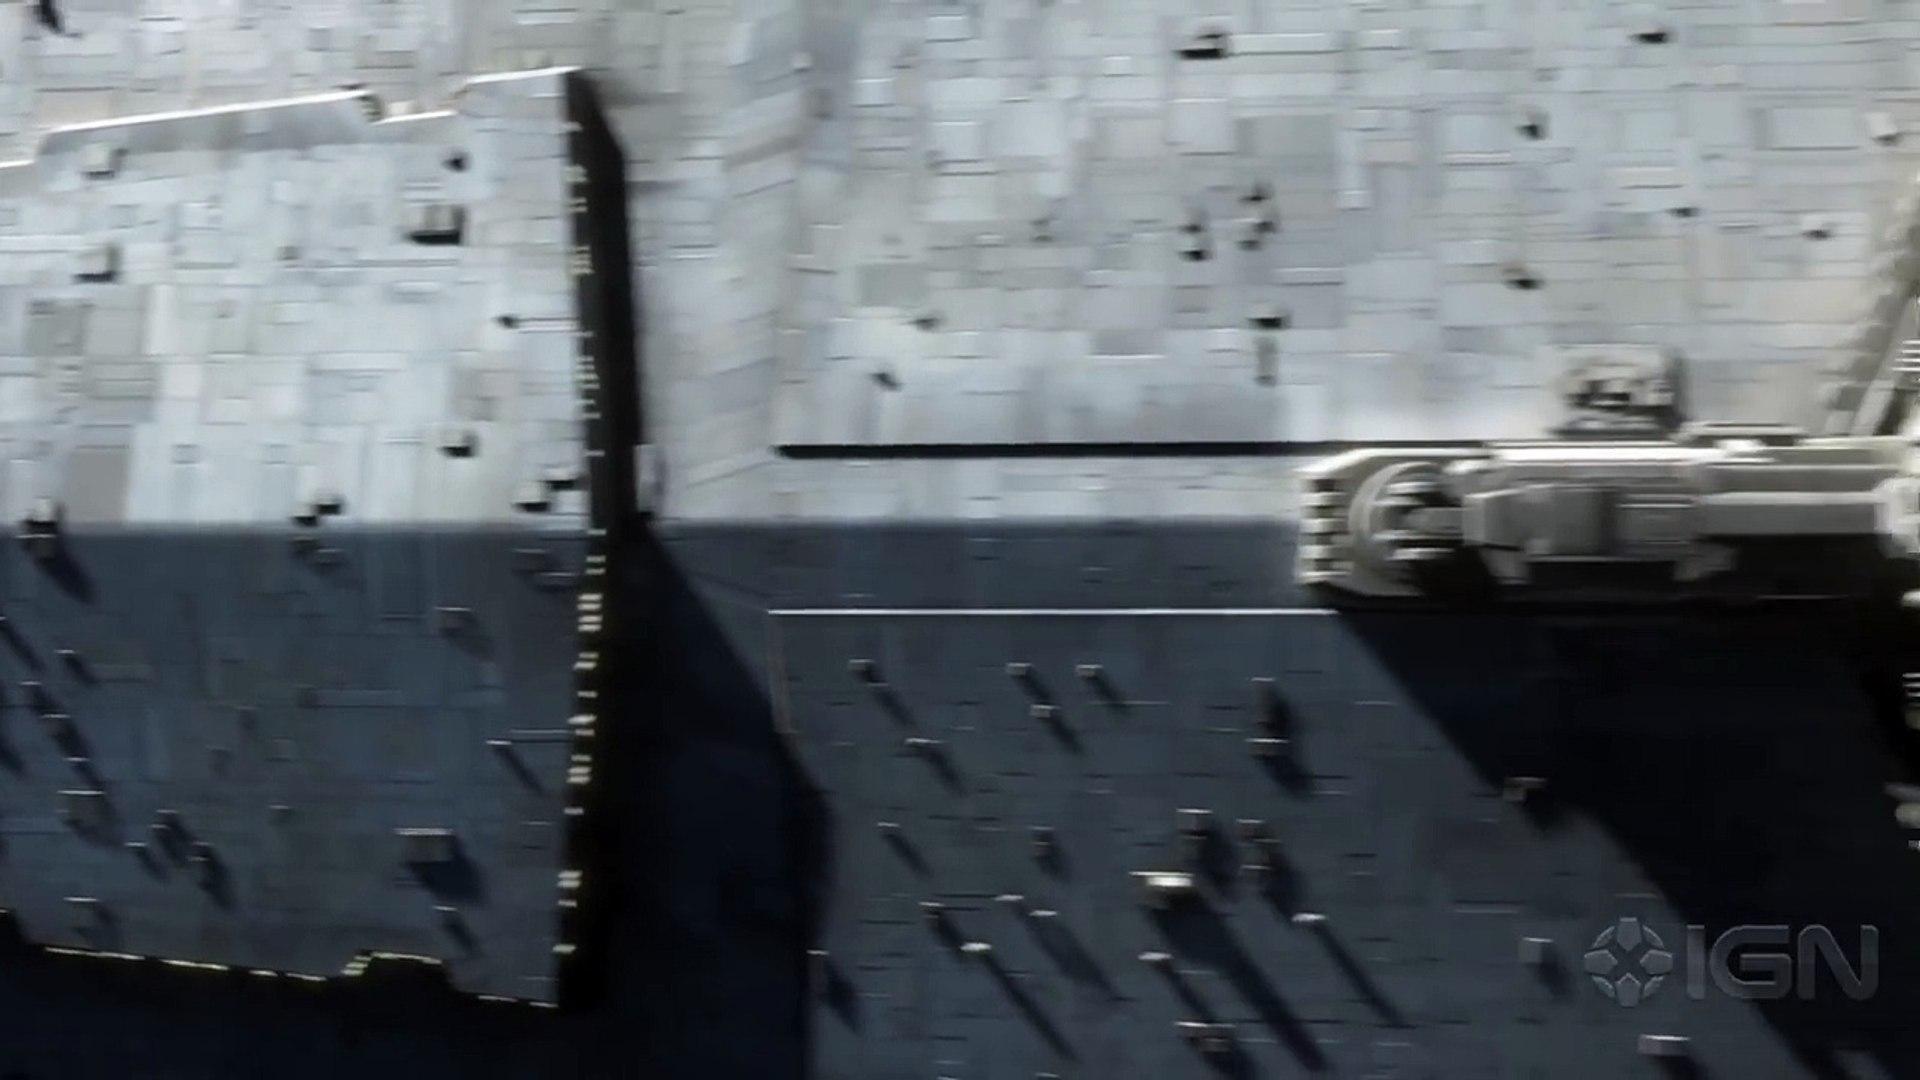 Star Wars Battlefront Death Star Teaser Trailer - Star Wars Celebration 2016